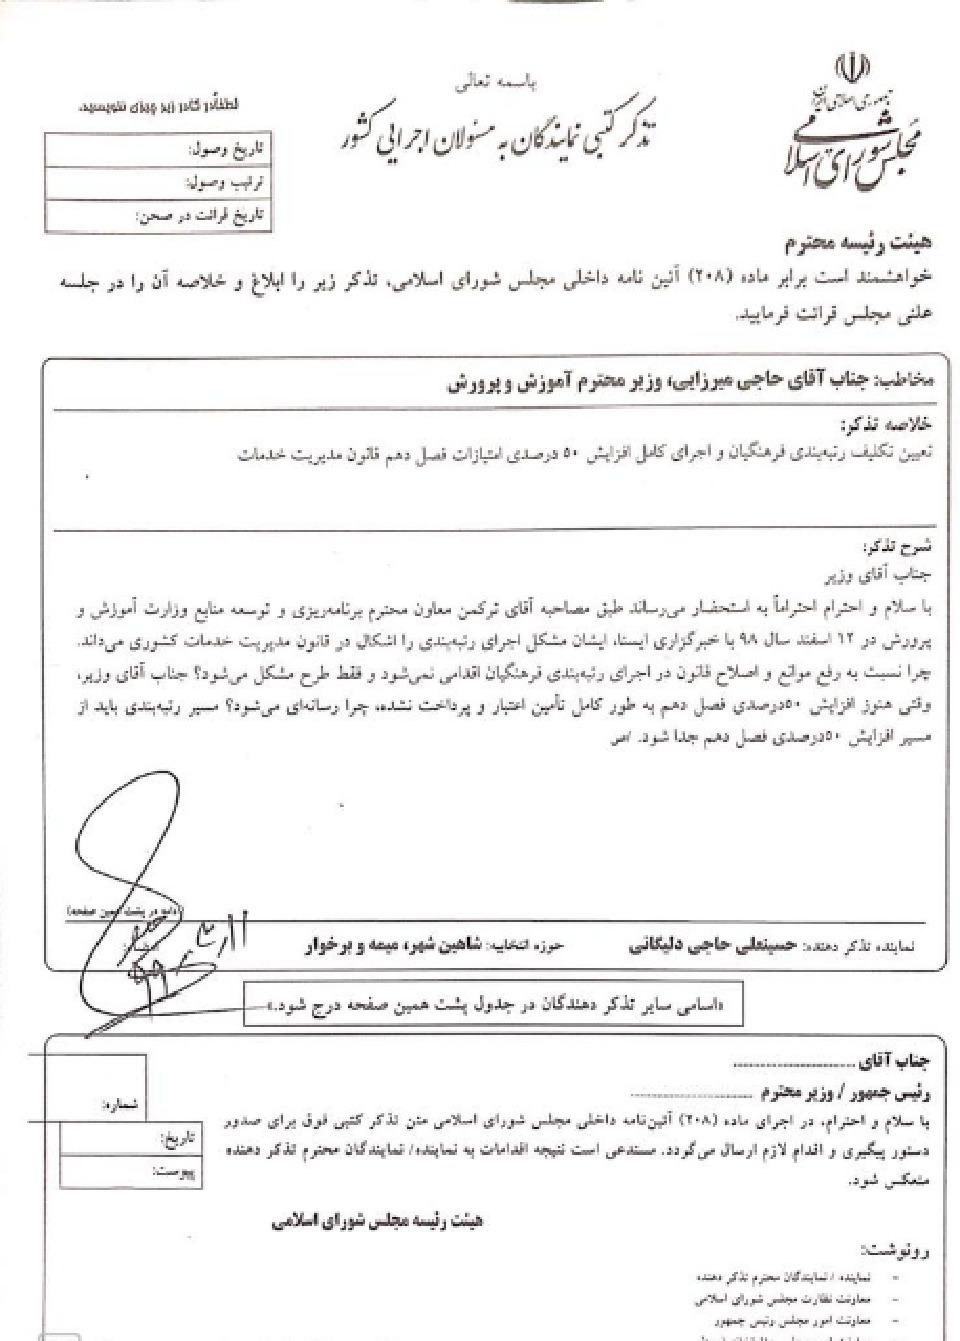 تذکر حسینعلی حاجی به وزیر آموزش و پرورش درباره تعیین تکلیف رتبه بندی فرهنگیان